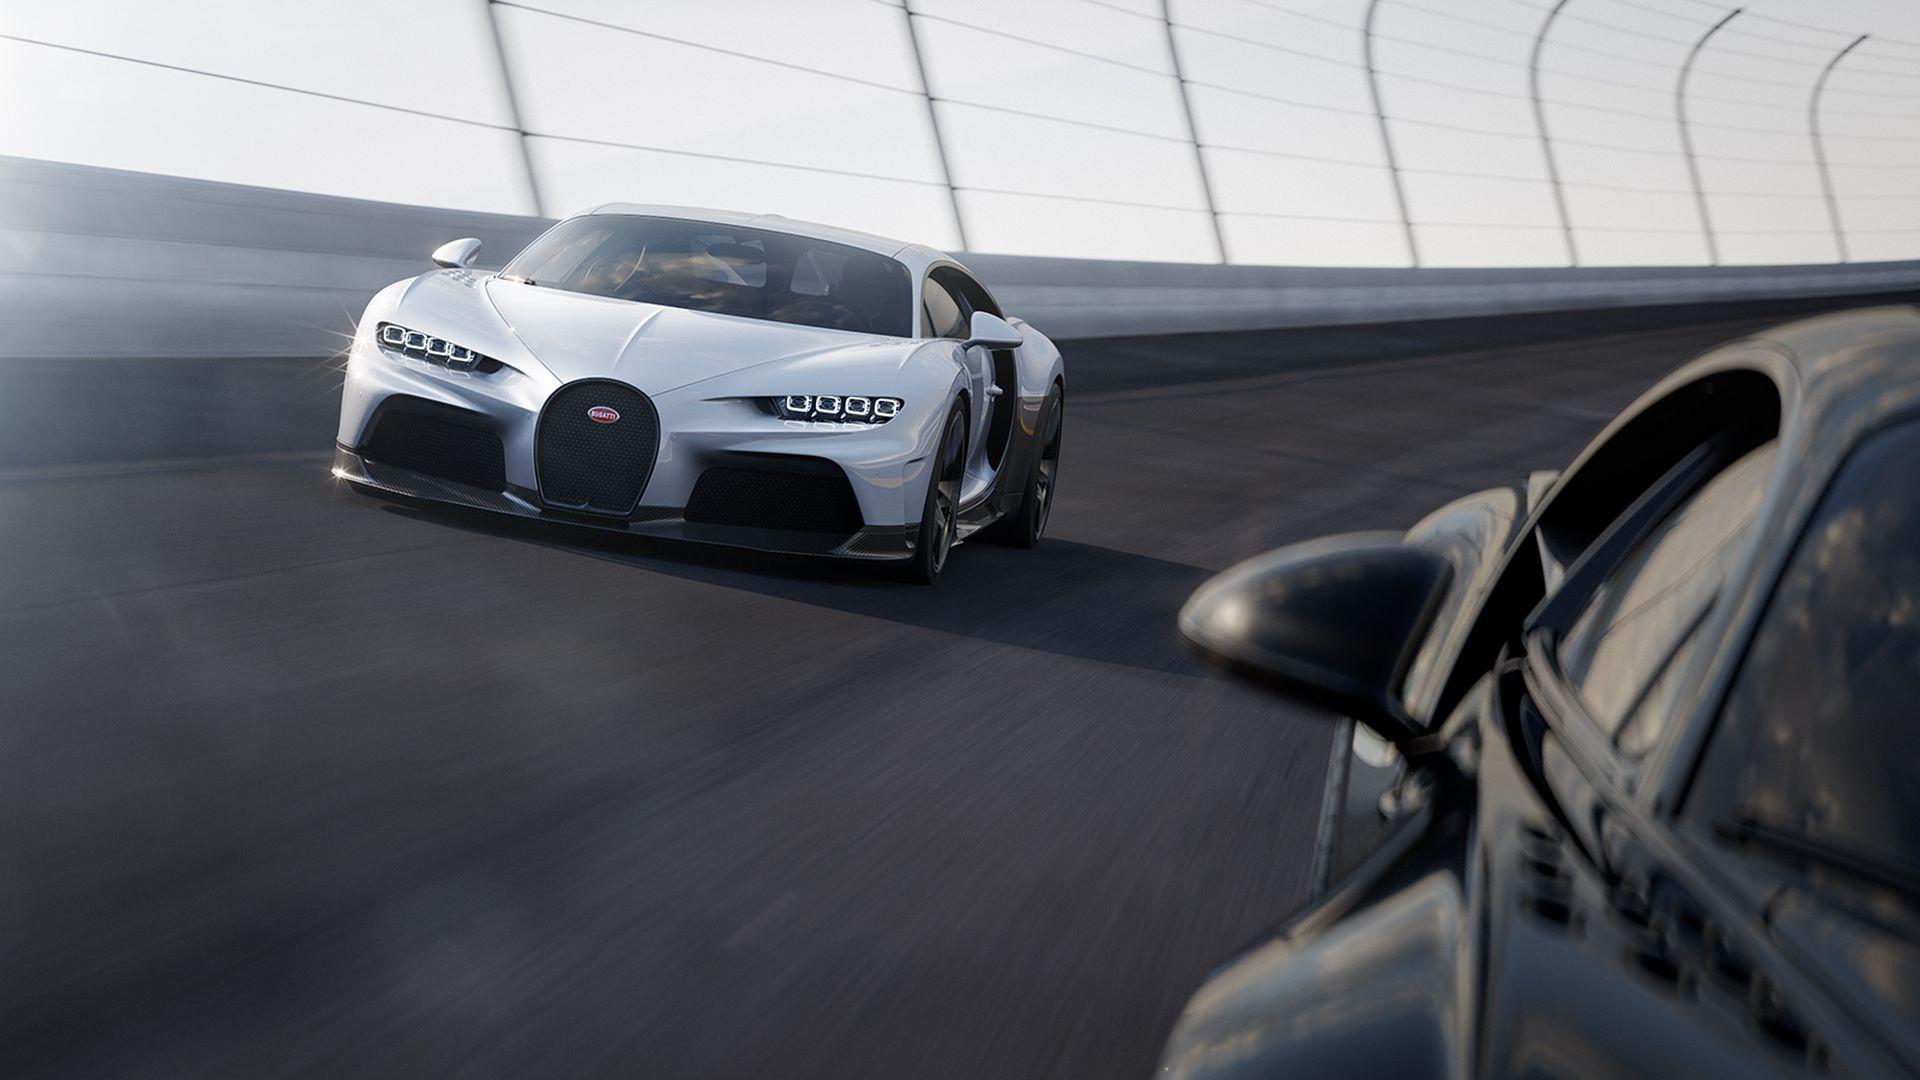 02_02_bugatti_chiron_super_sport_high_speed_front